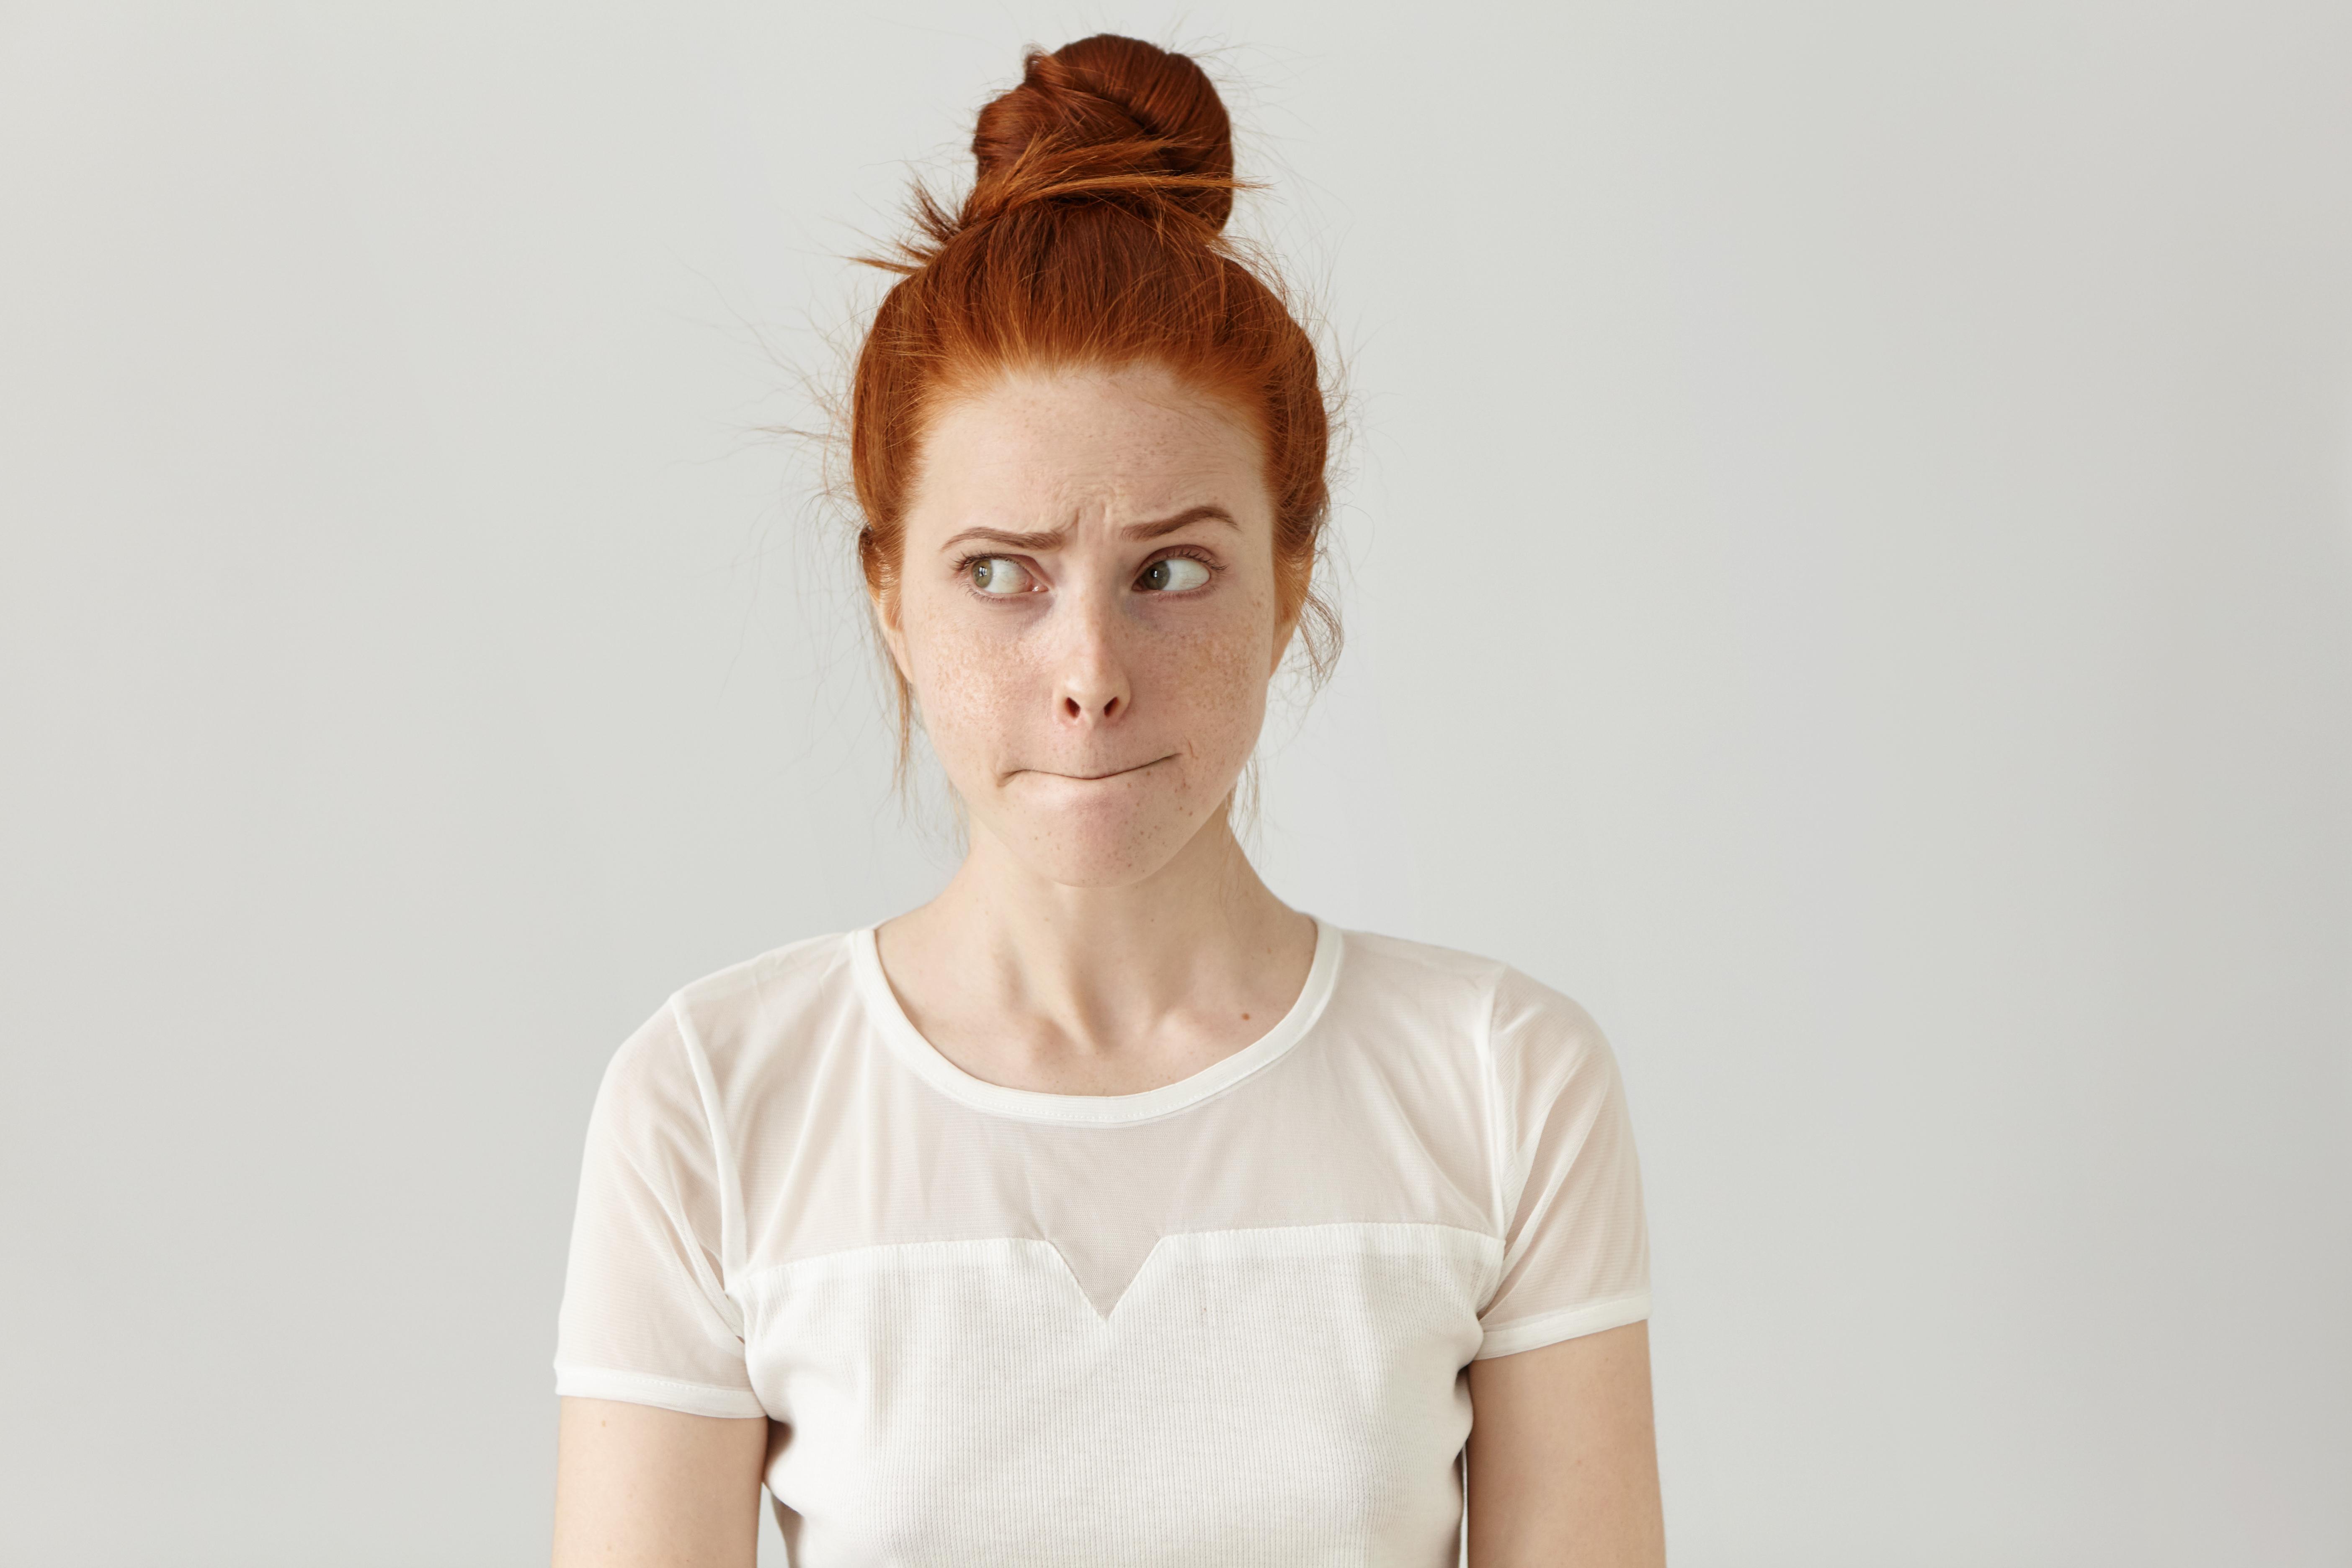 redhead with hair in bun